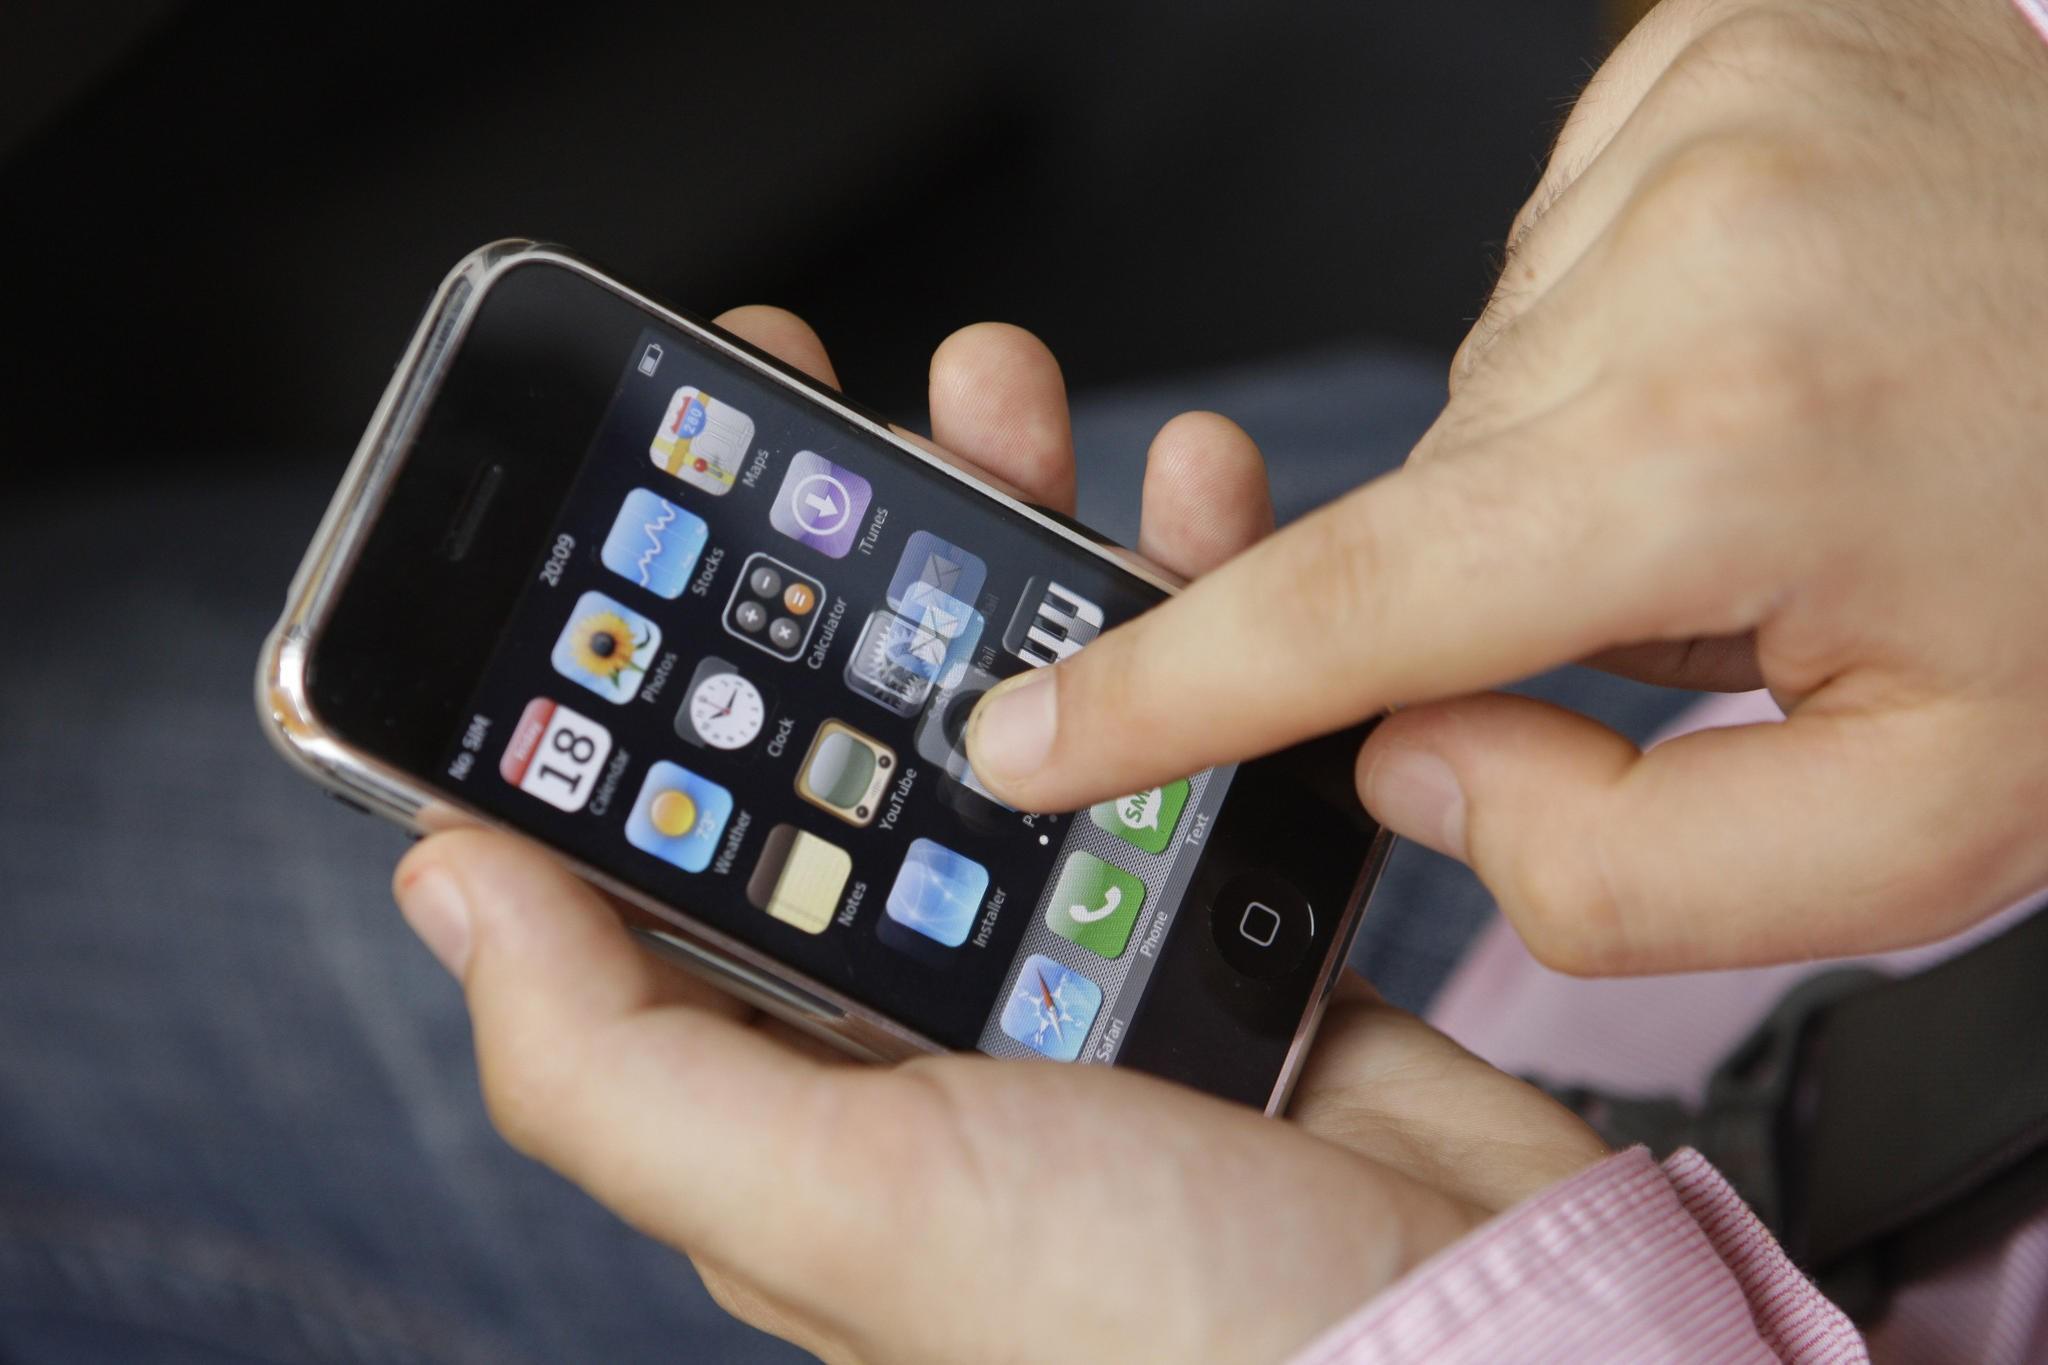 Фото с украденных мобильных телефонов 16 фотография